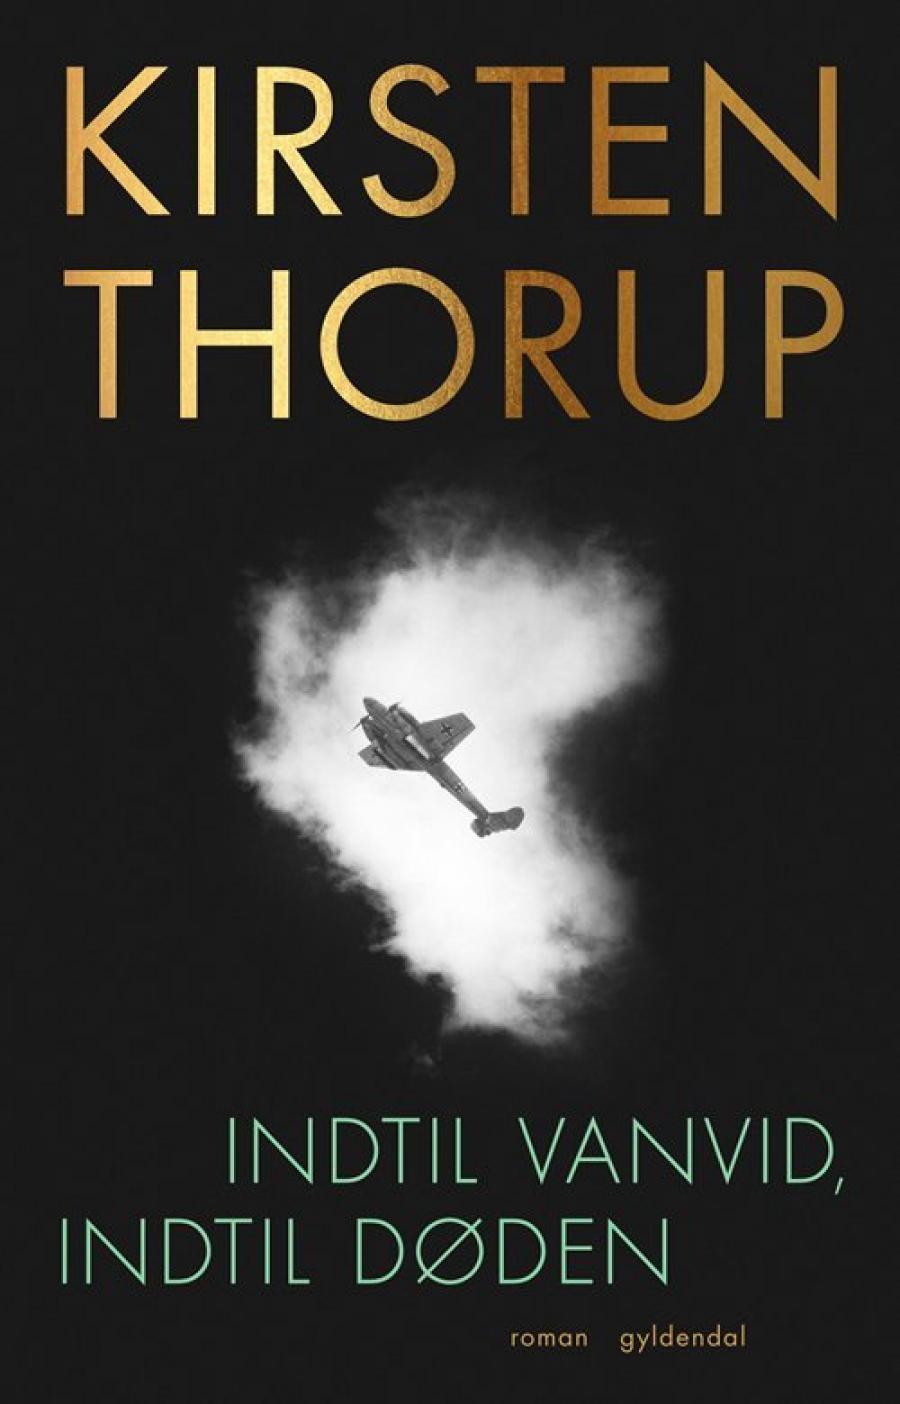 Billede af bogen Indtil vanvid, indtil døden af Kirsten Thorup